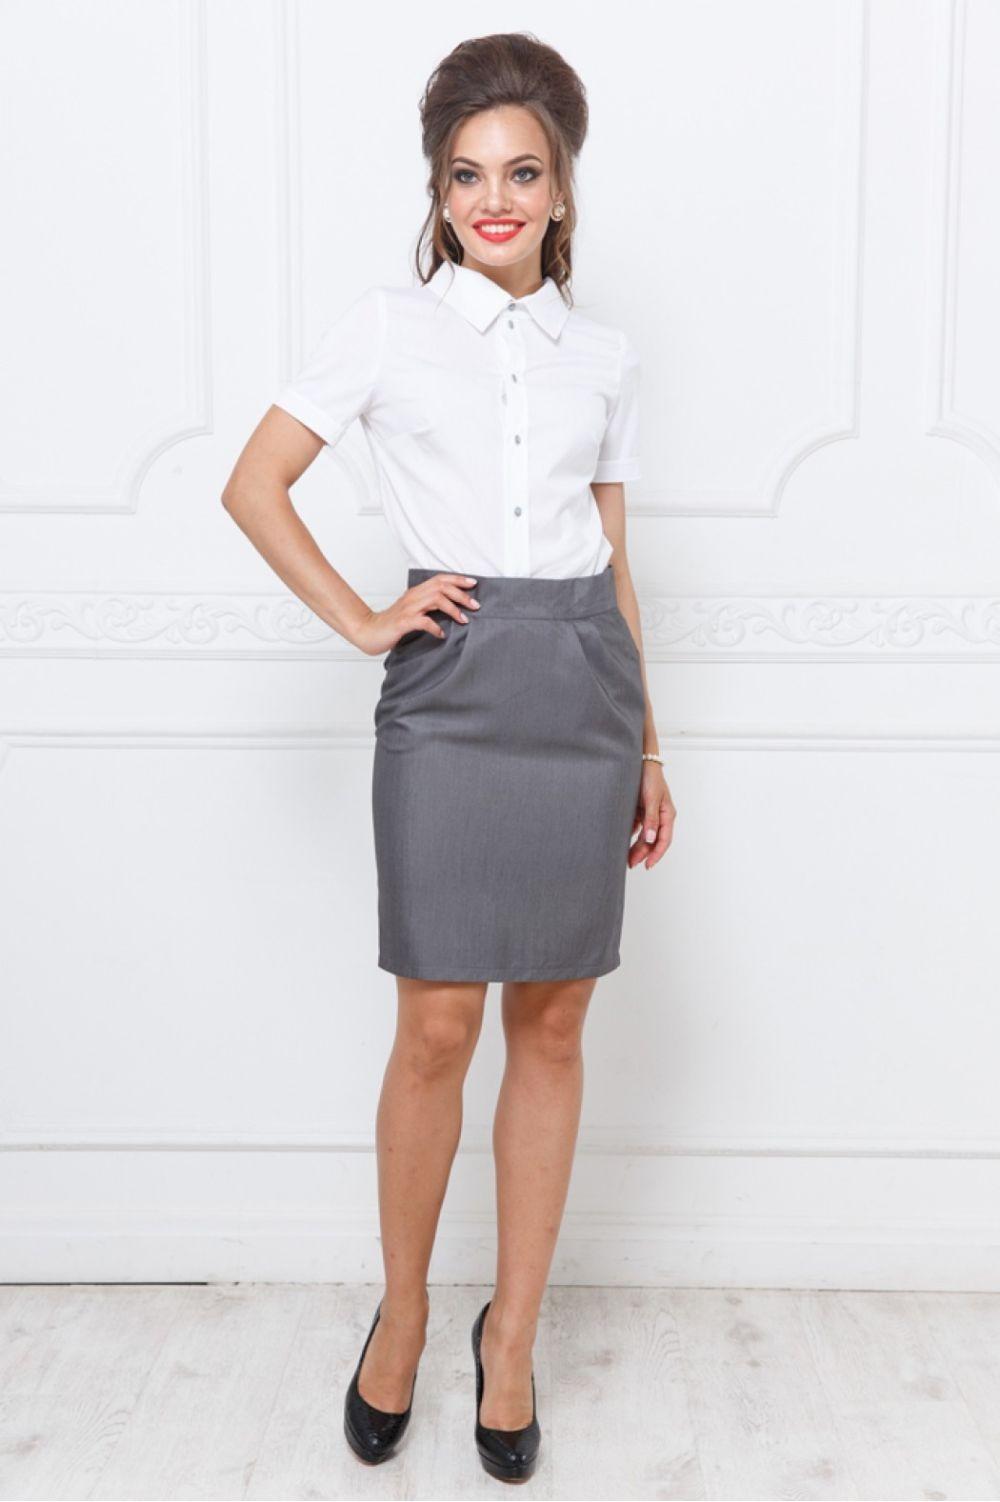 серая юбка с чем носить: карандаш под блузку белую